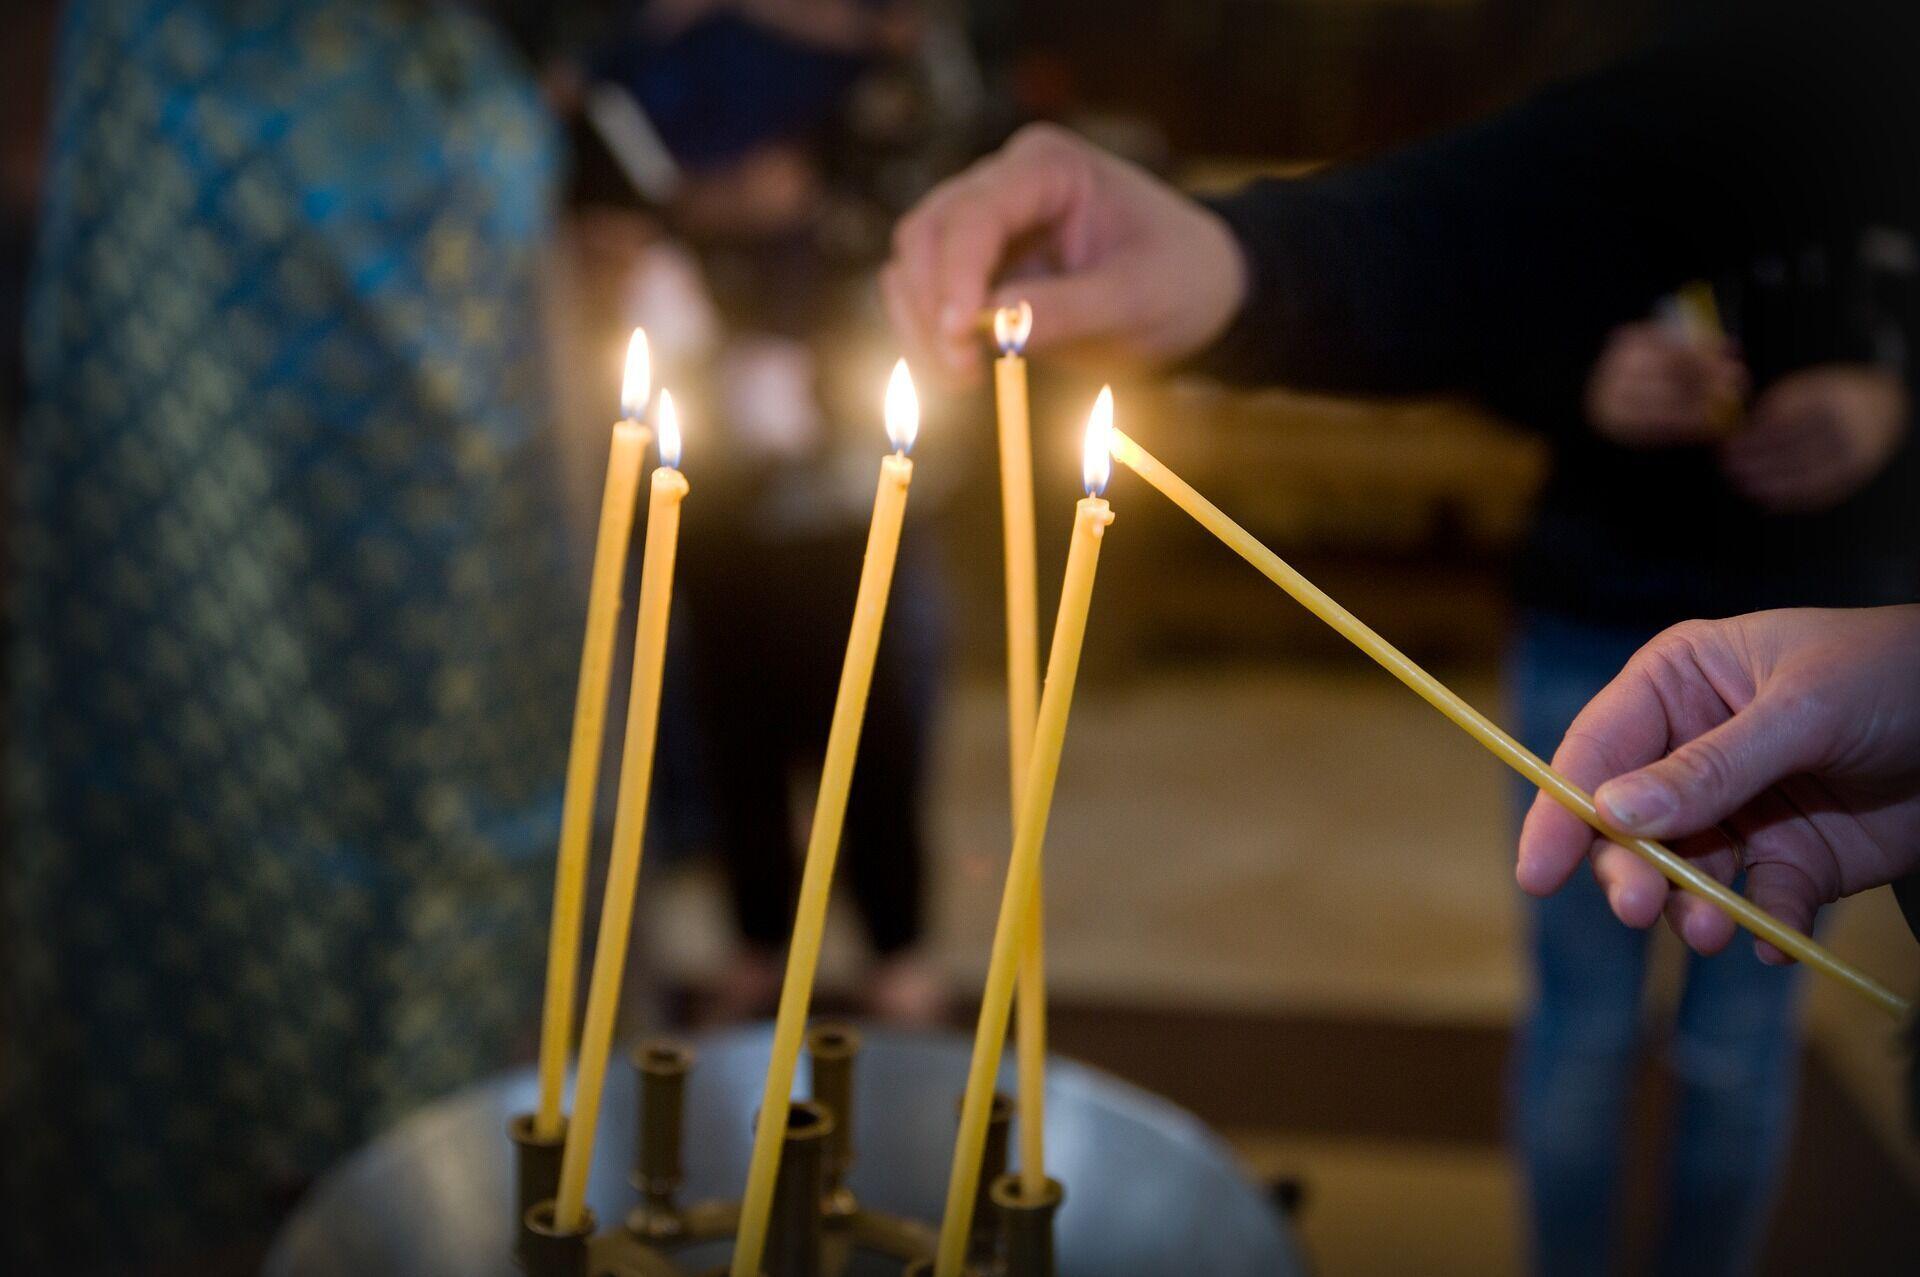 В Субботу Акафиста православные храмы служат Божественную литургию